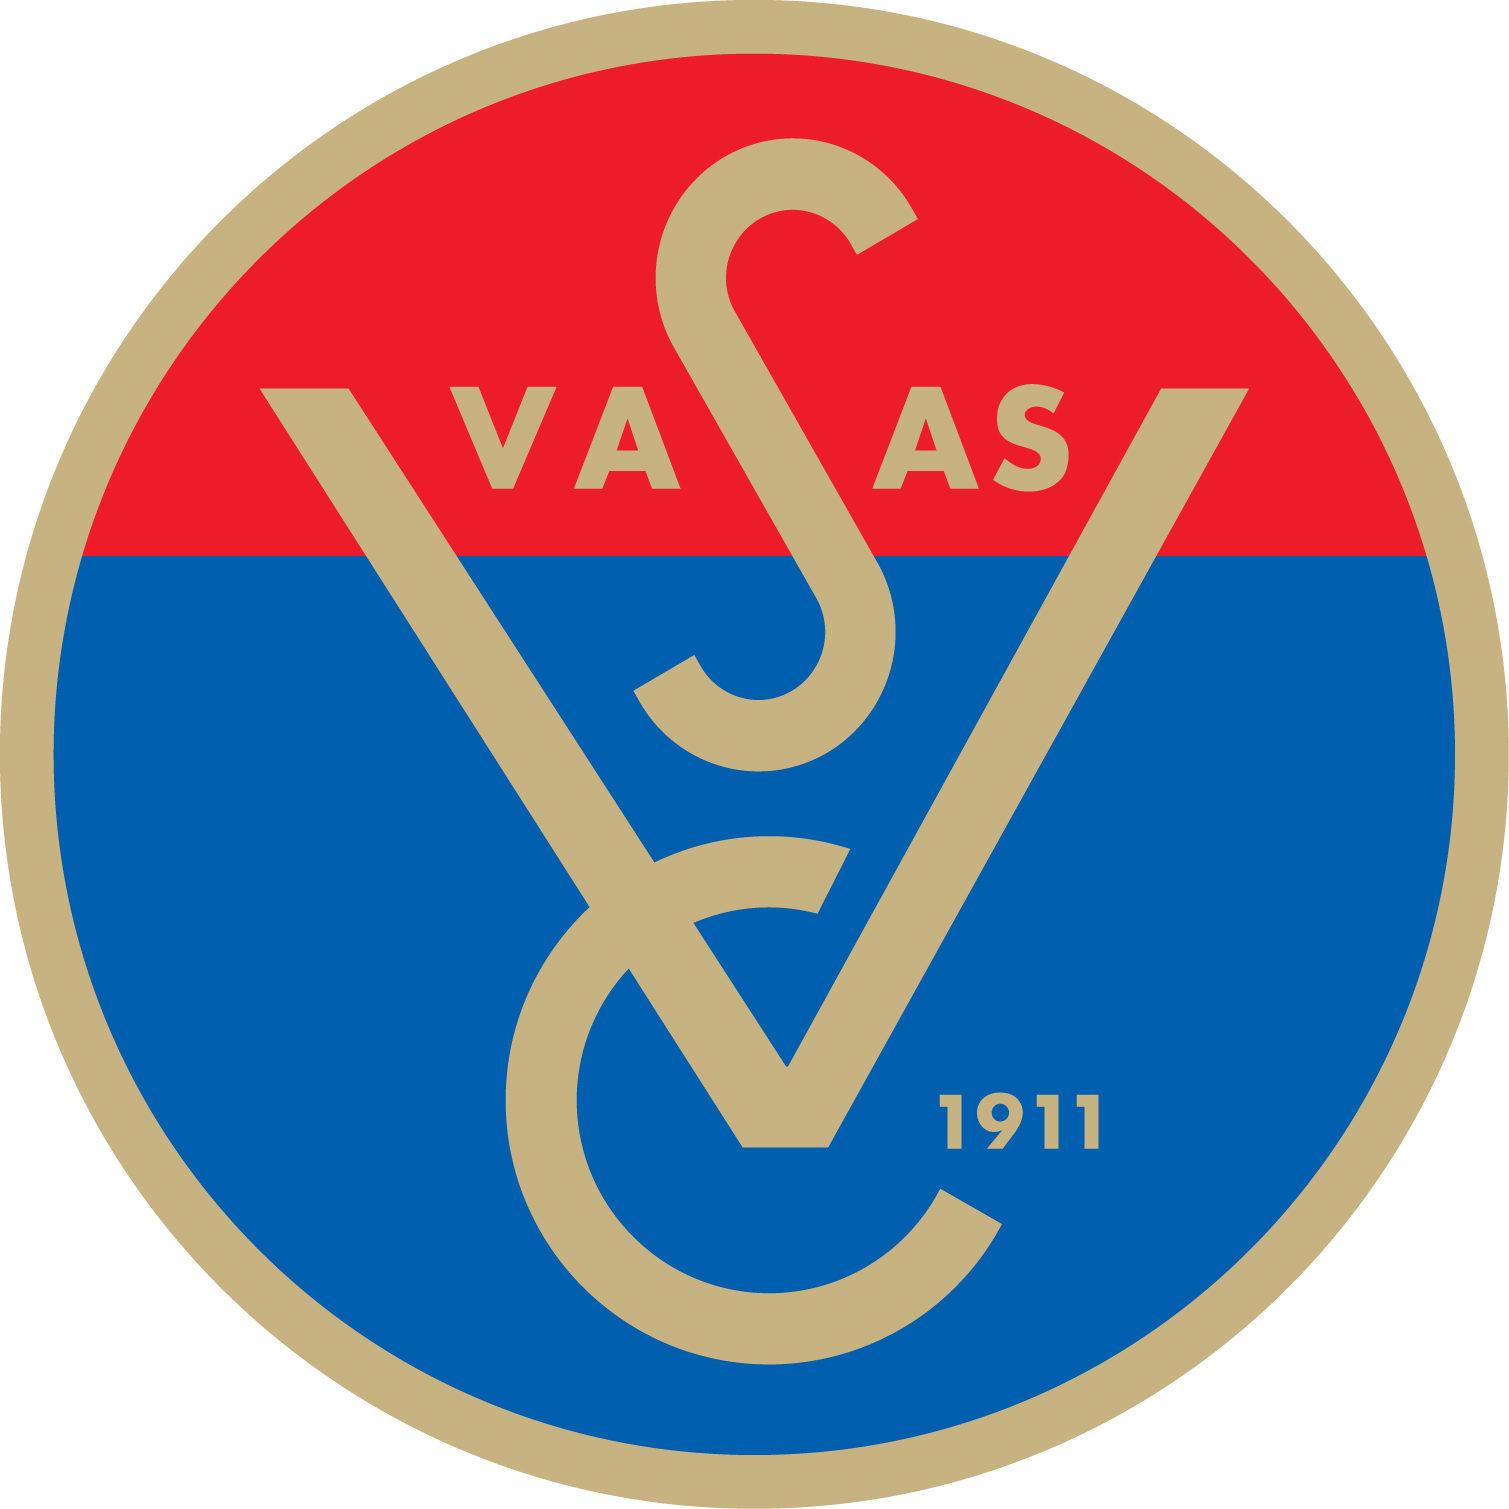 Együttműködő partnerünk: Vasas SC